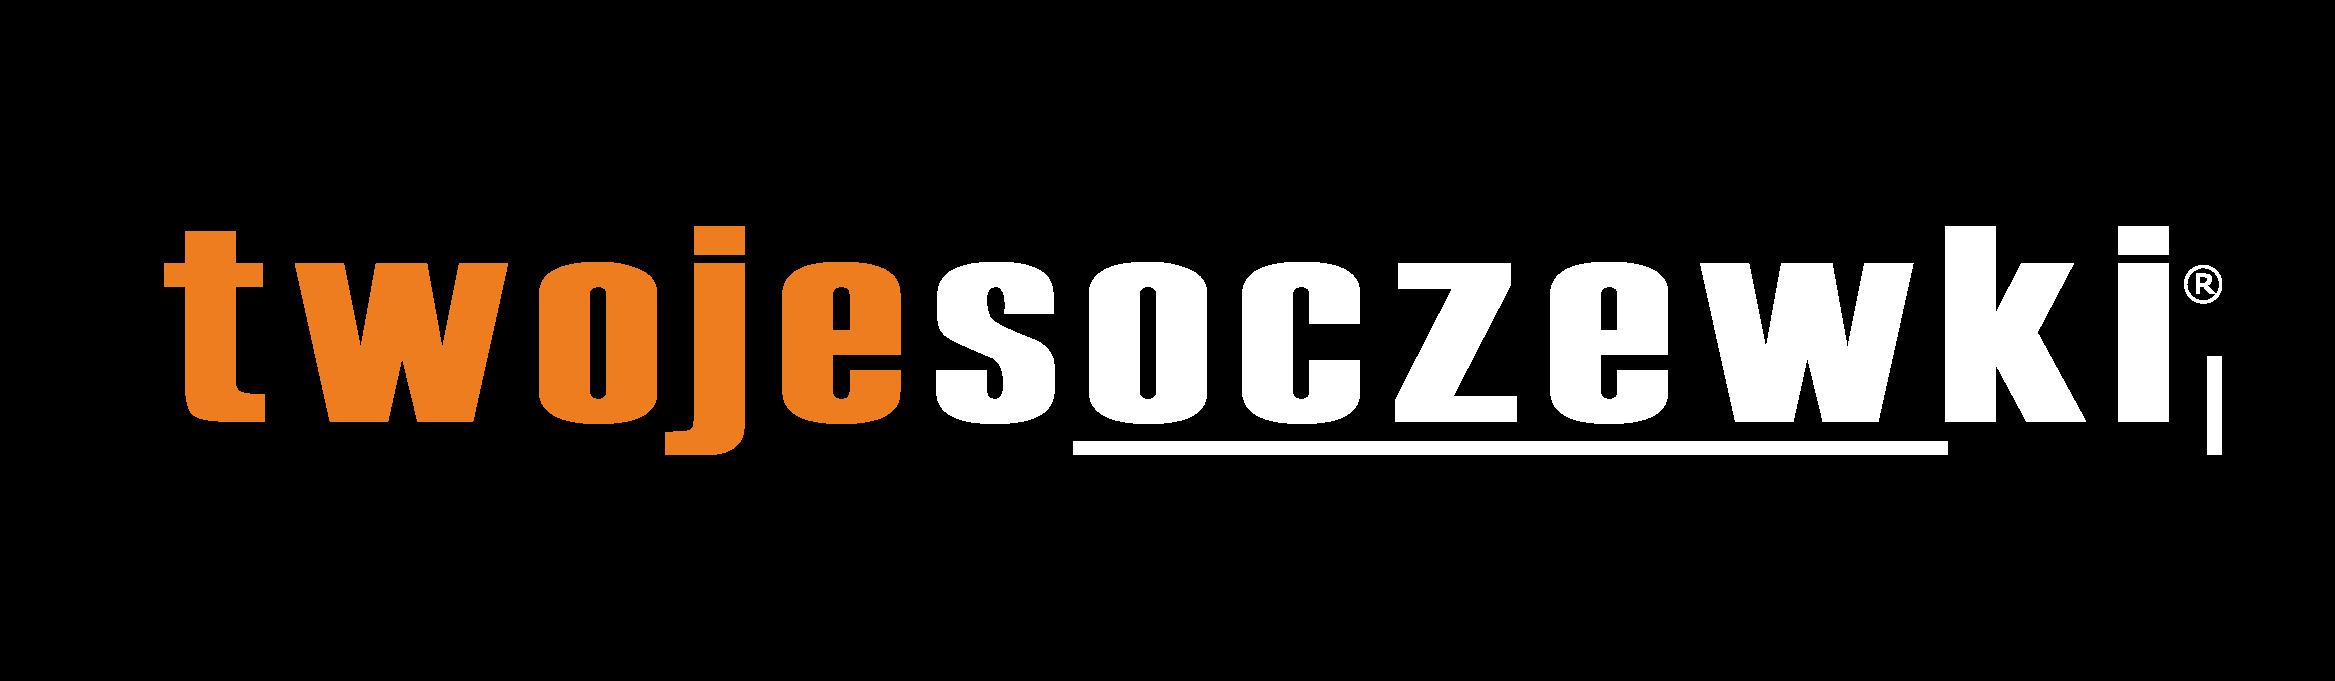 Logo Sklepu TwojeSoczewki.com